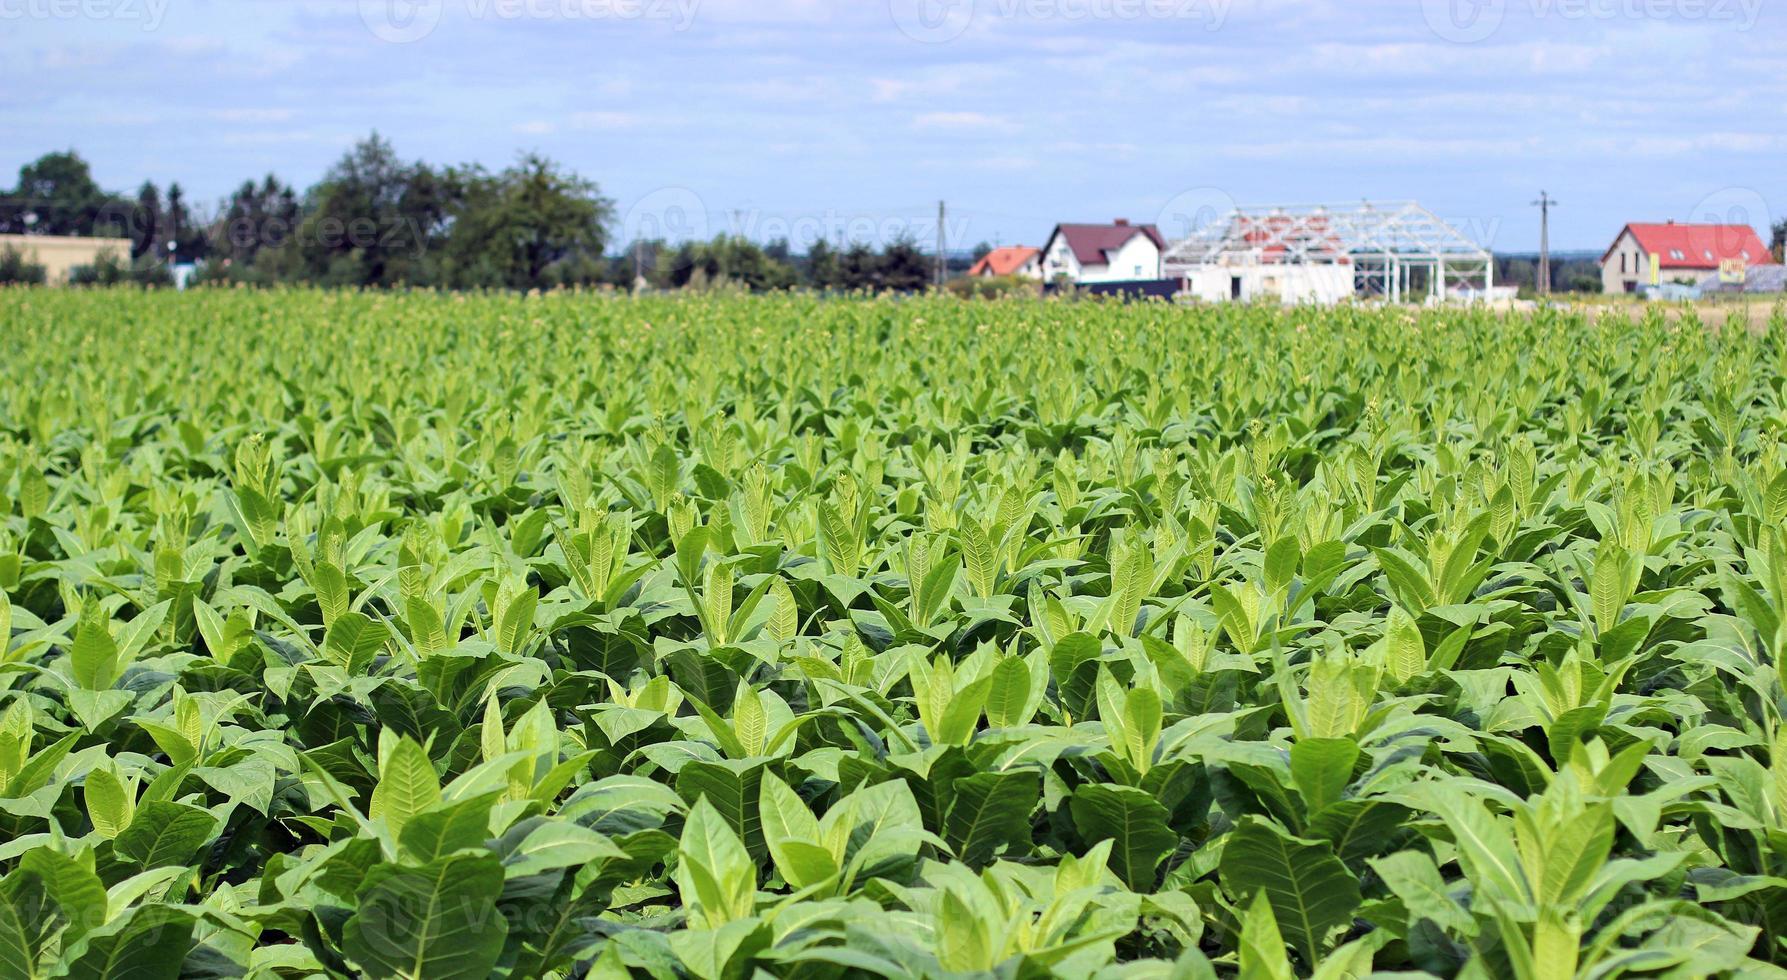 cultivo de tabaco em um campo na polônia foto